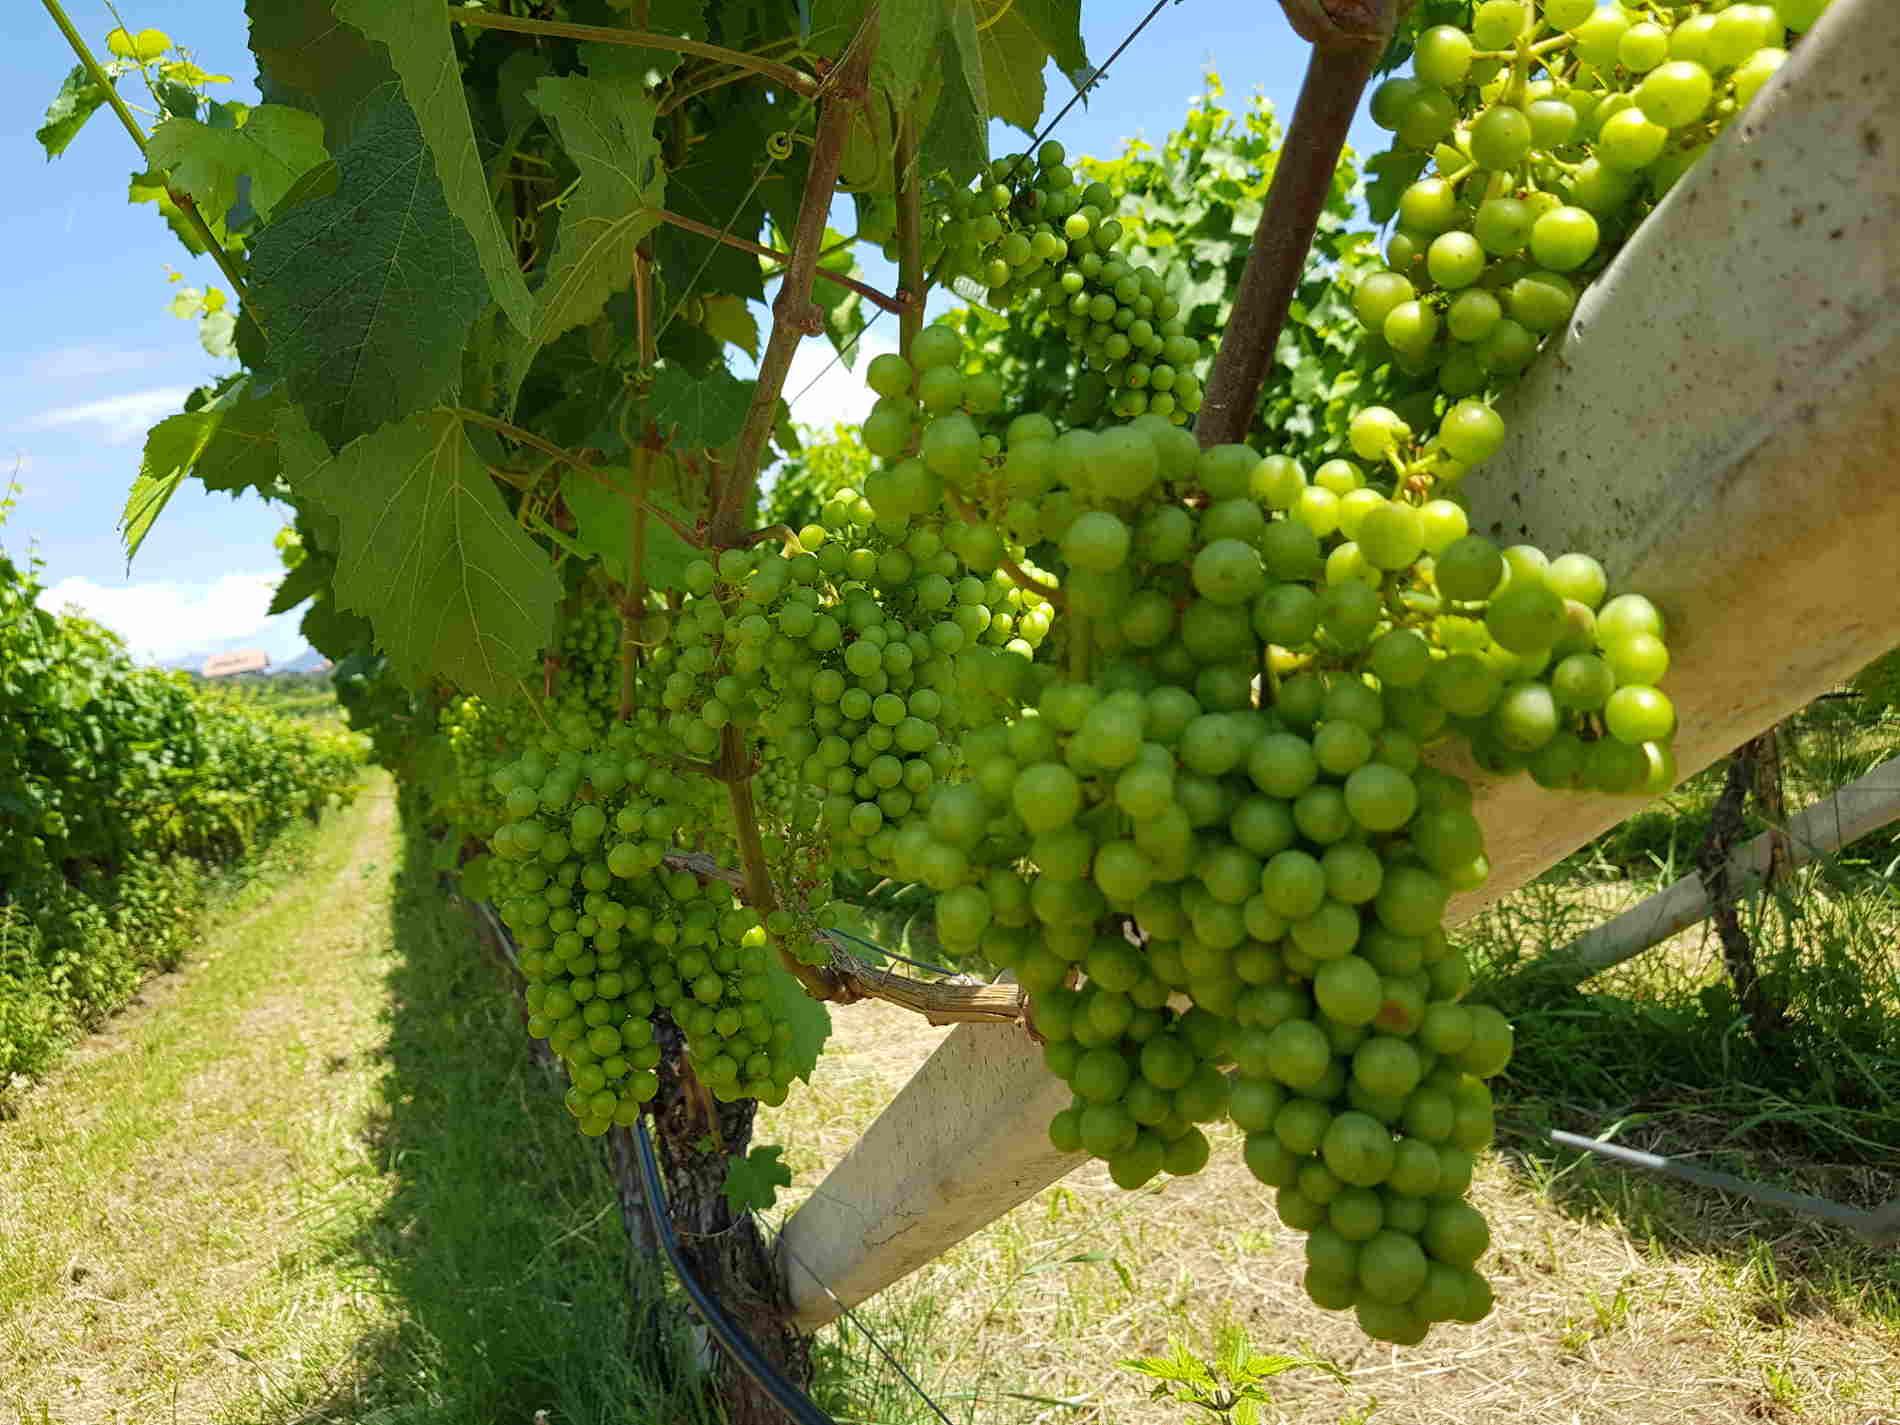 Vitigni ad Appiano Sulla Strada del Vino in Alto Adige